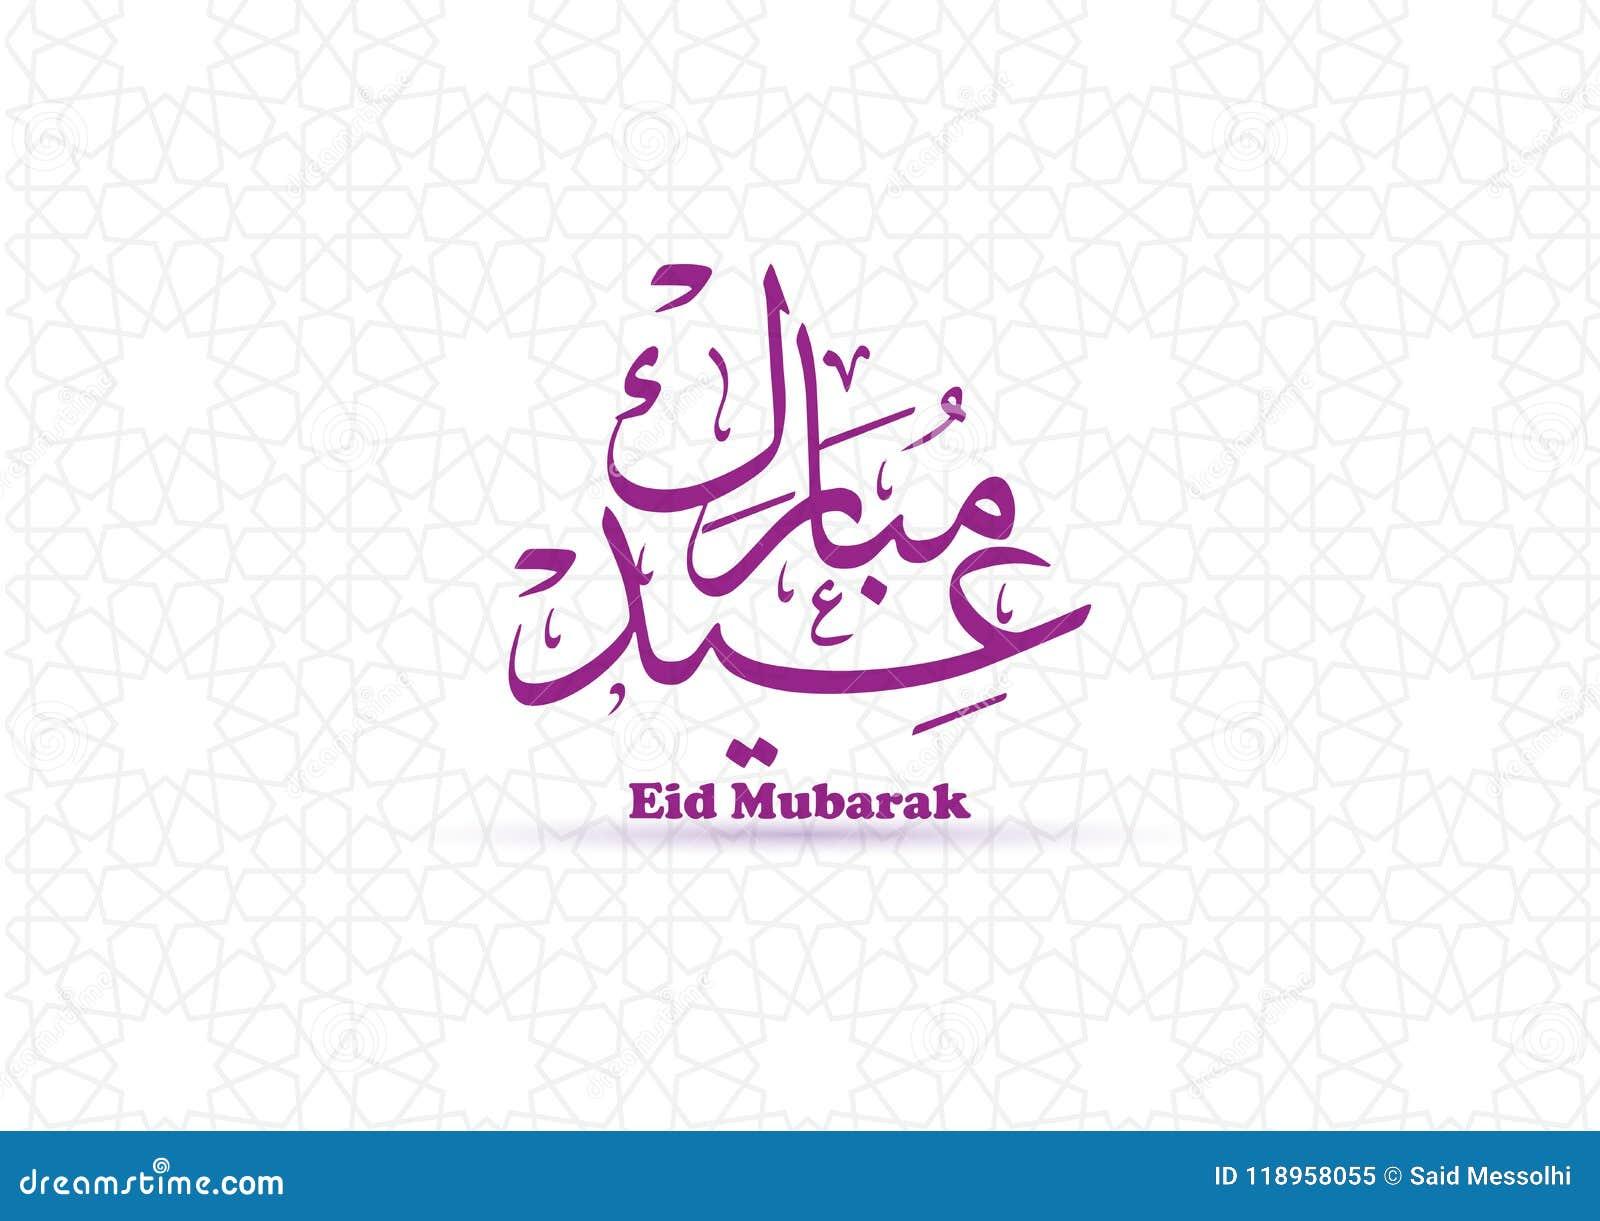 Eid Mubarak Greeting Happy Eid In Arabic Callygraphy Style Stock